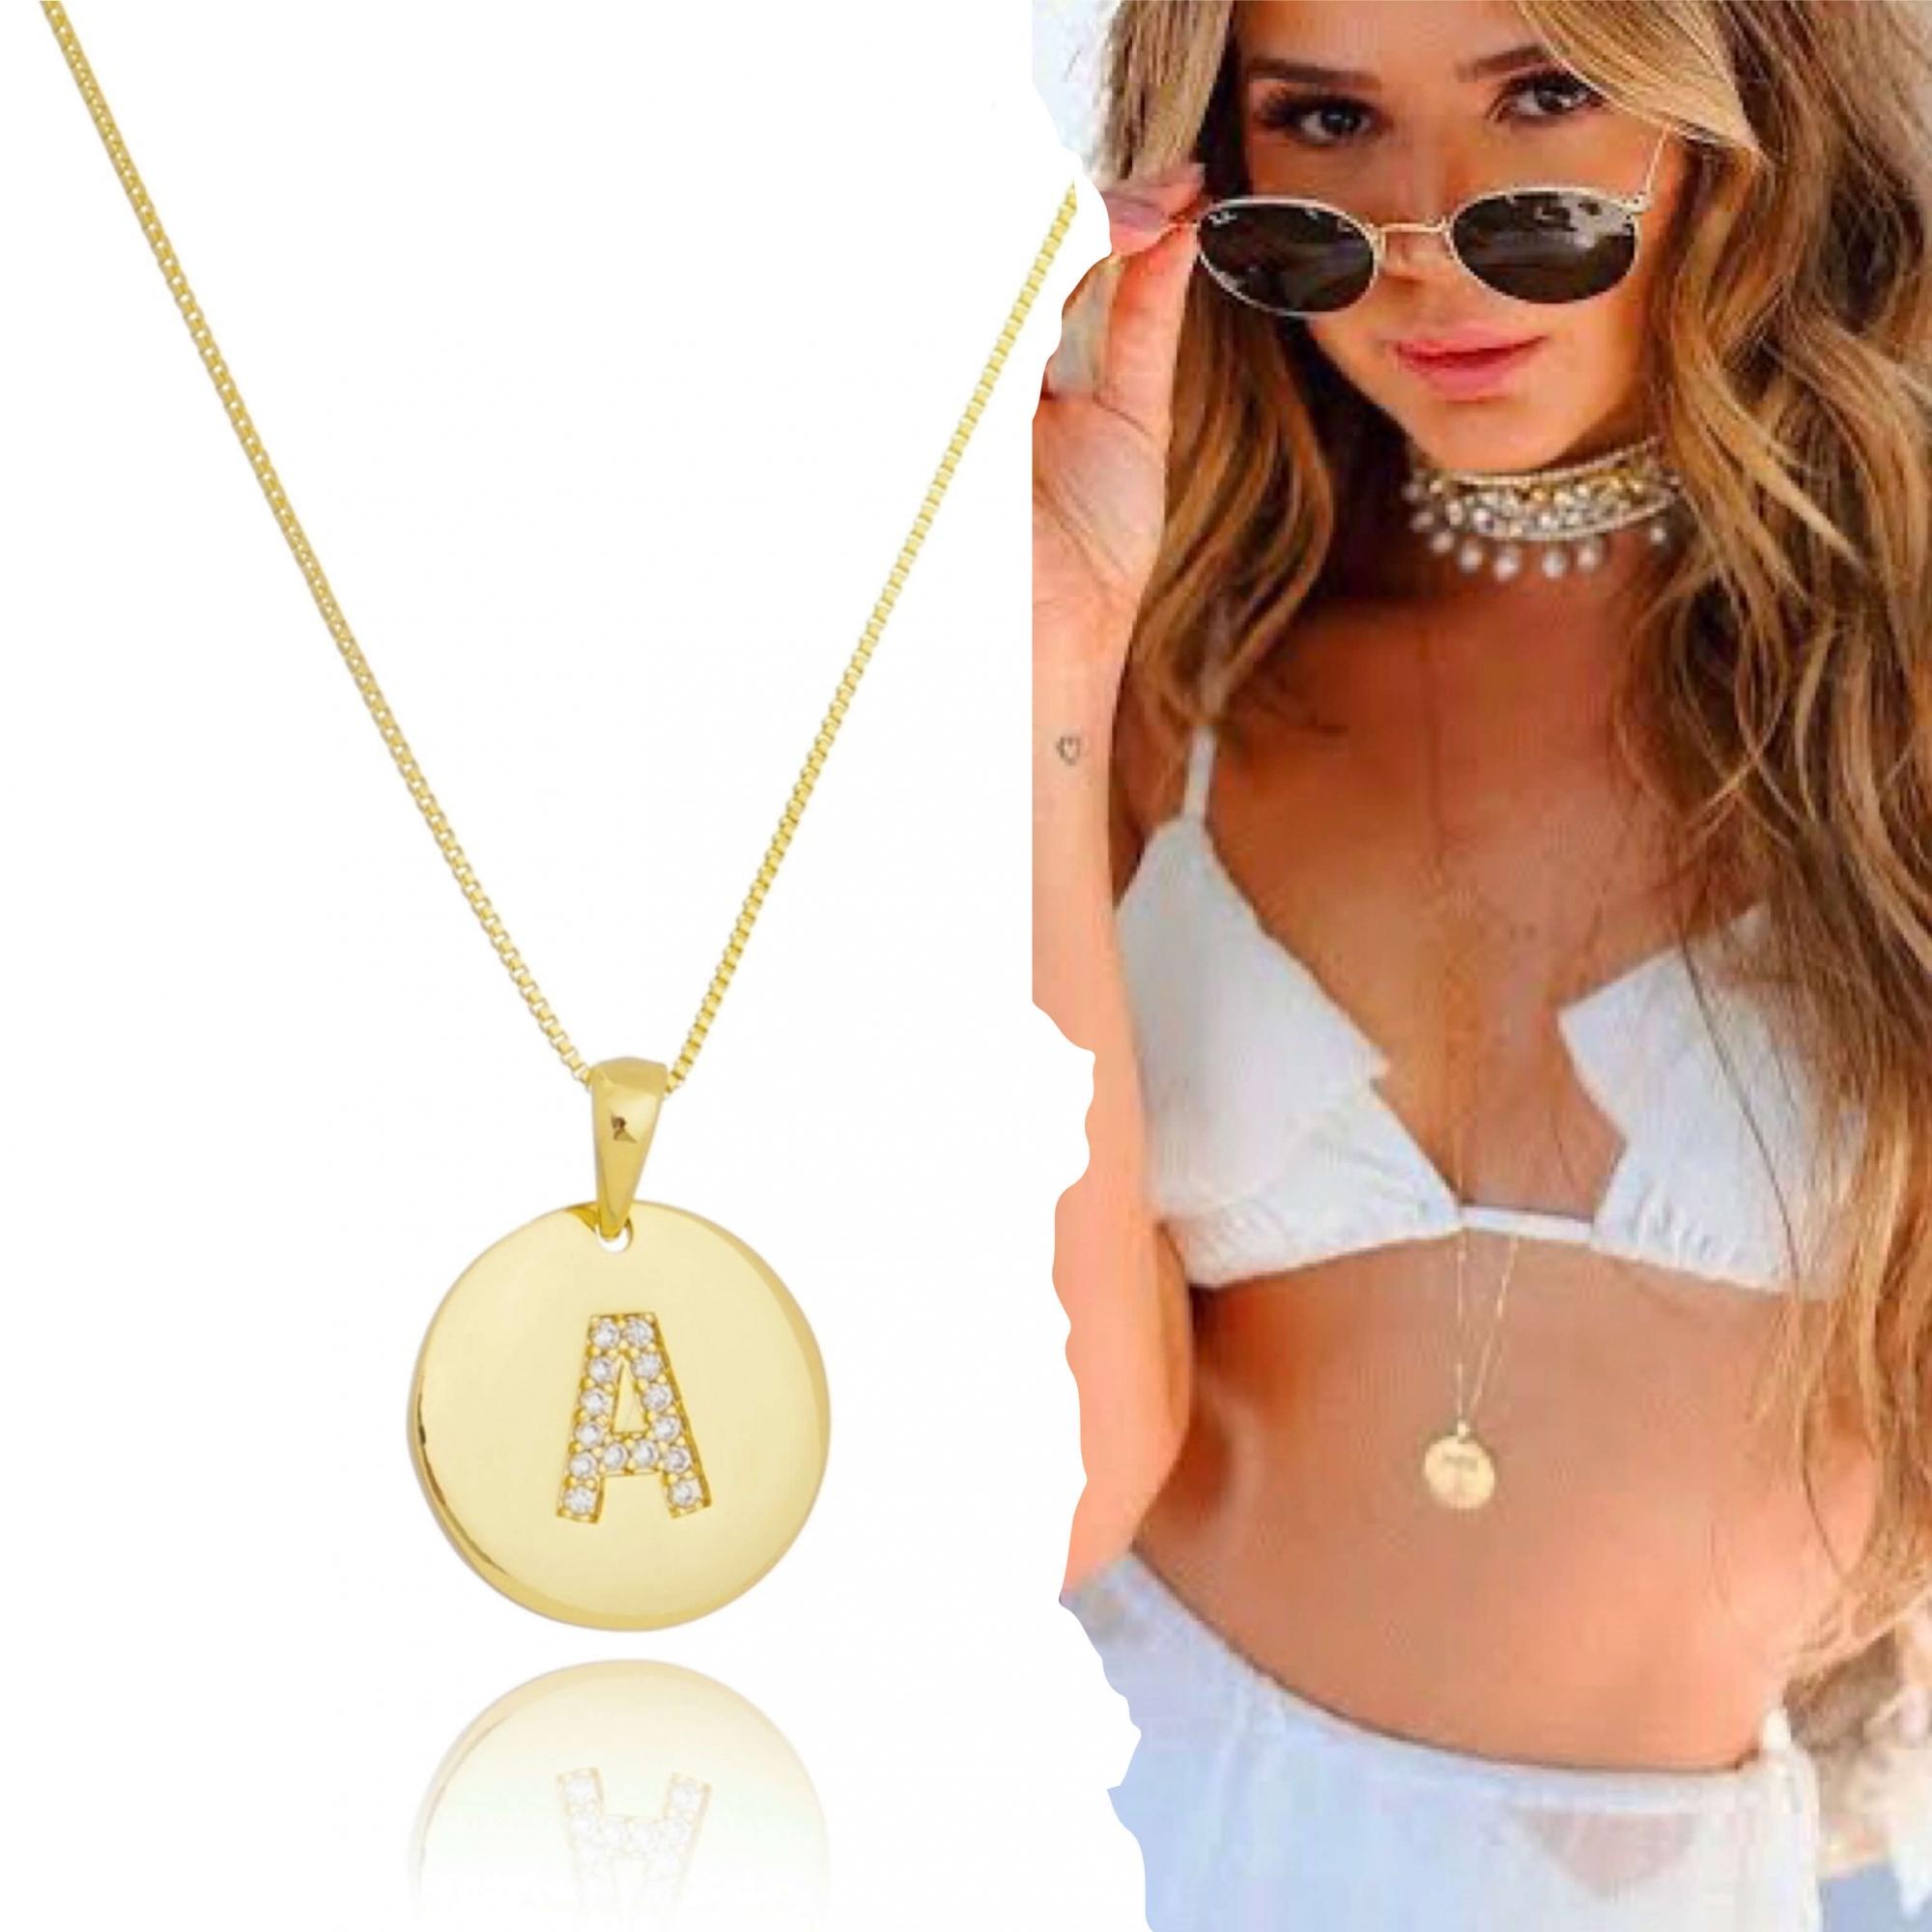 Personalize com a letra do seu nome -  Colar longo de letras com medalha  cravejado de zircônias folheado em ouro 18K